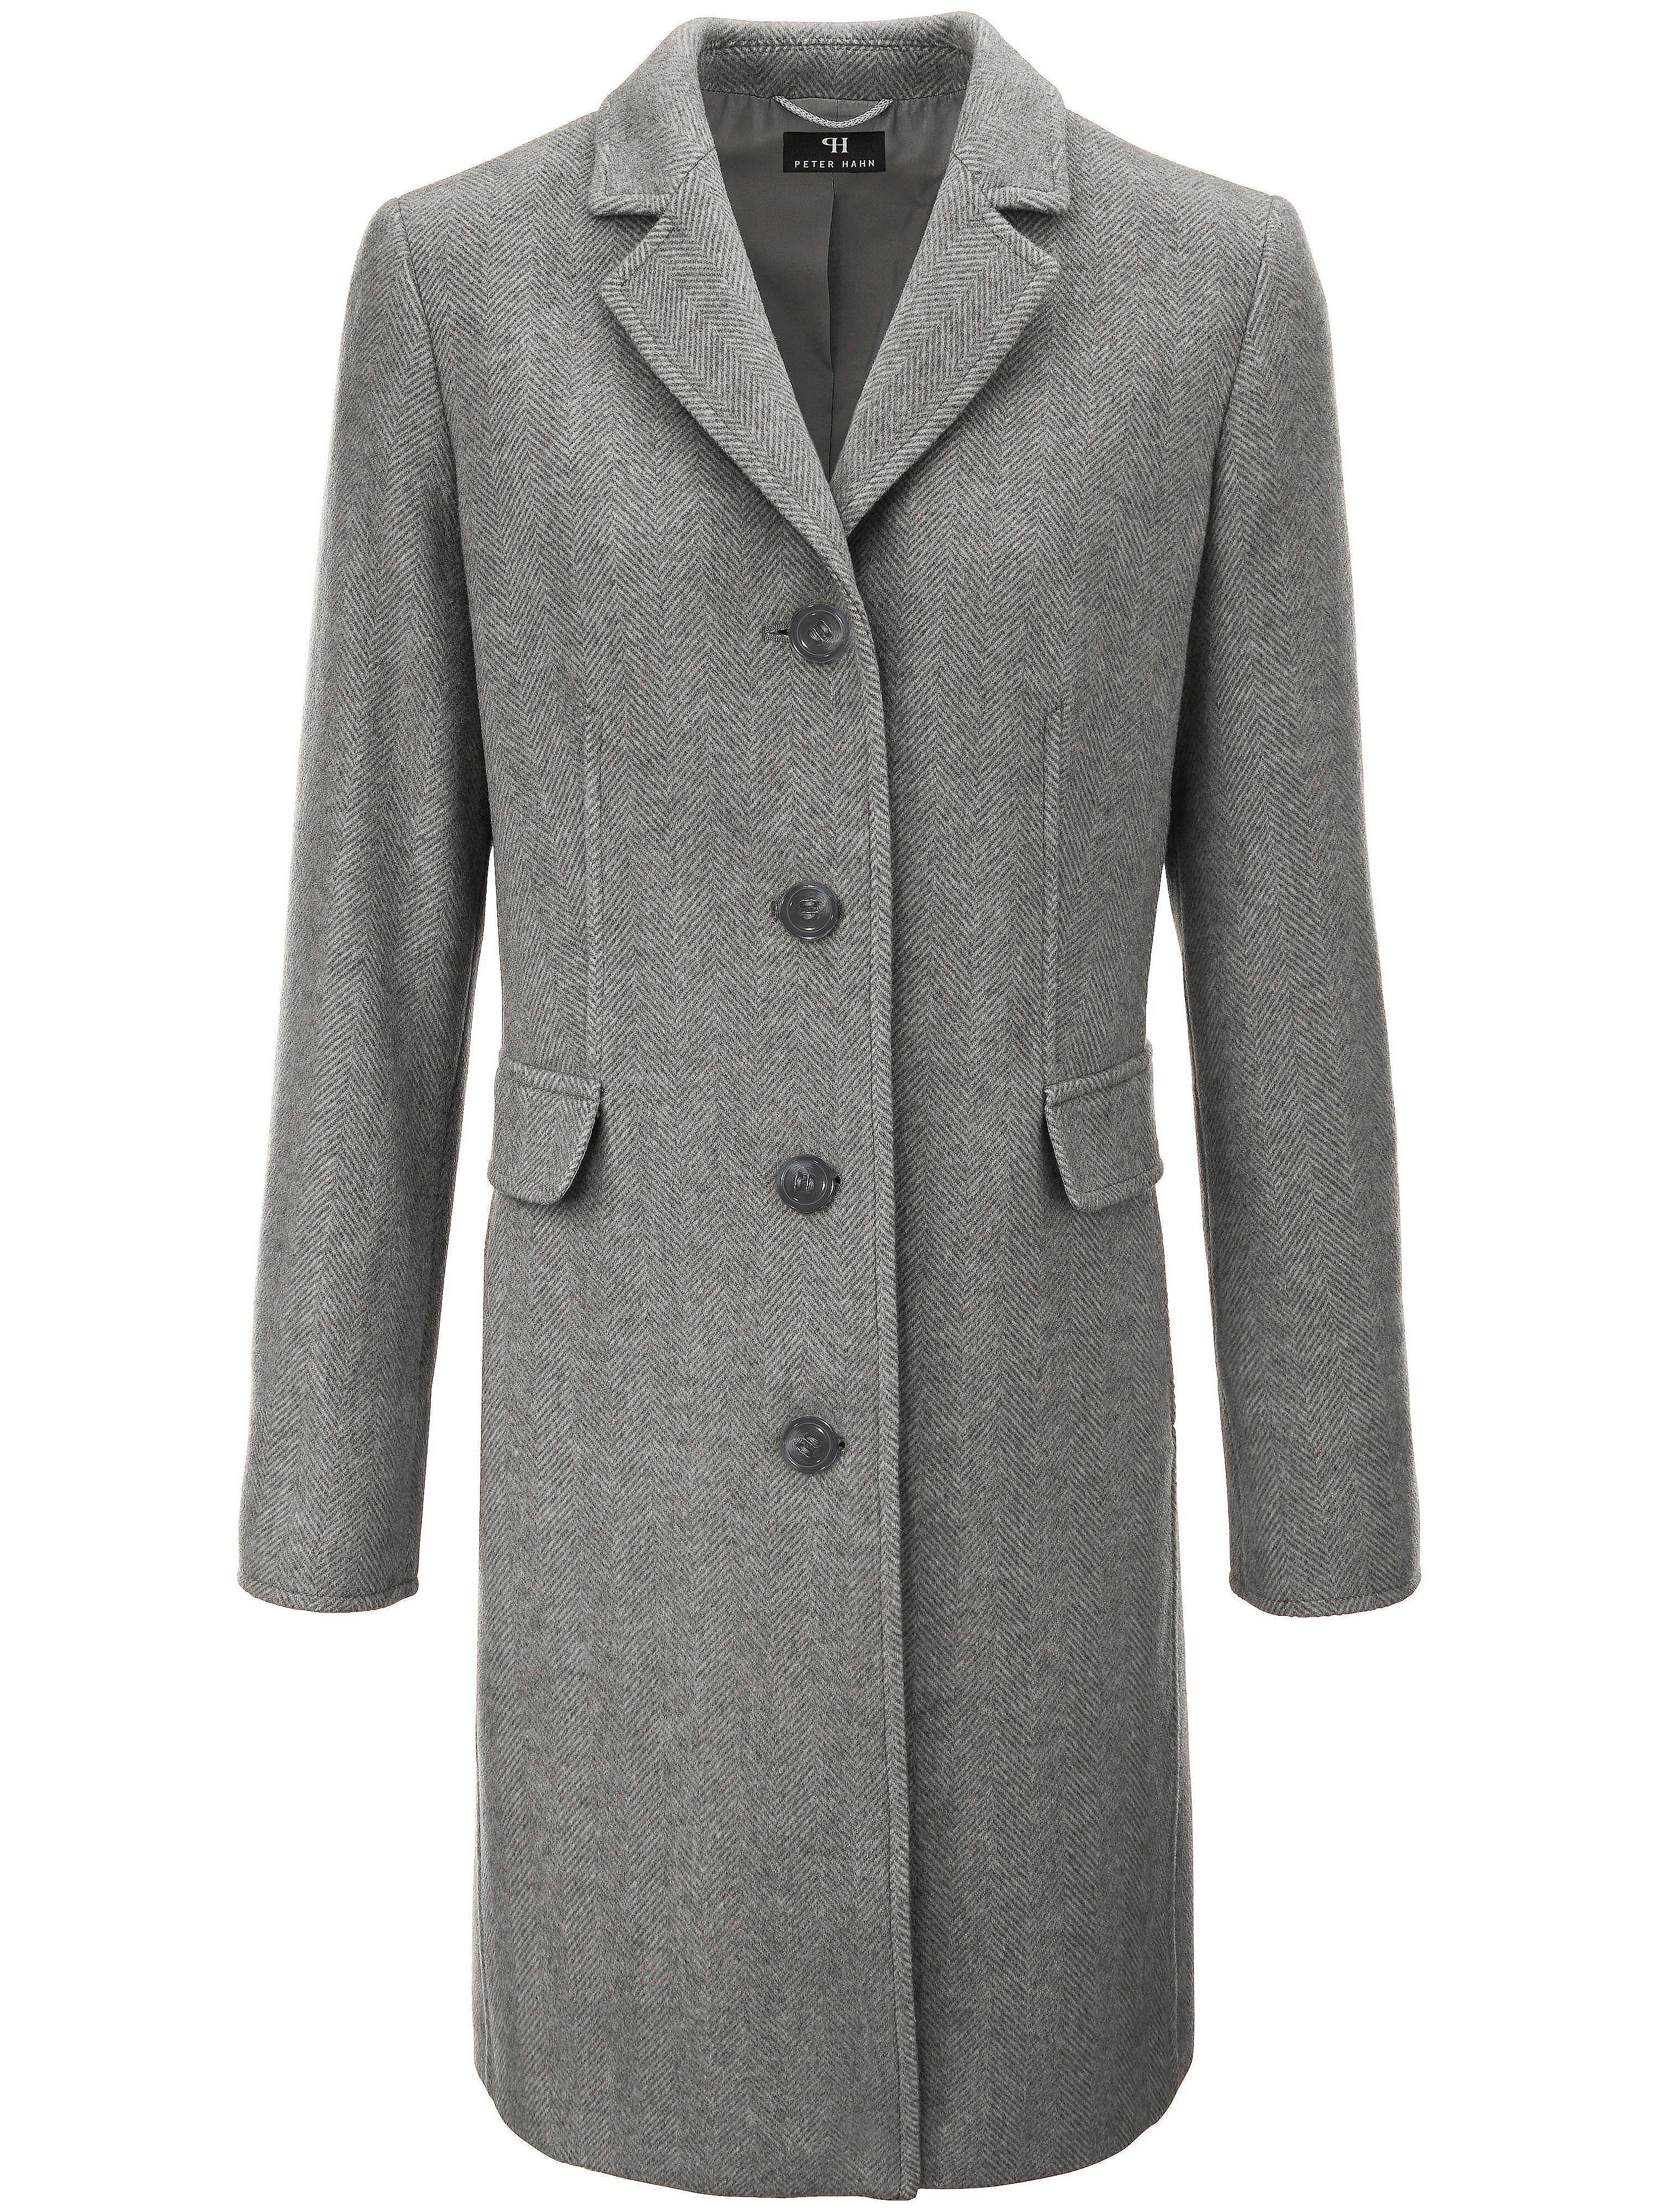 Le manteau court 100% laine vierge  Peter Hahn gris taille 25